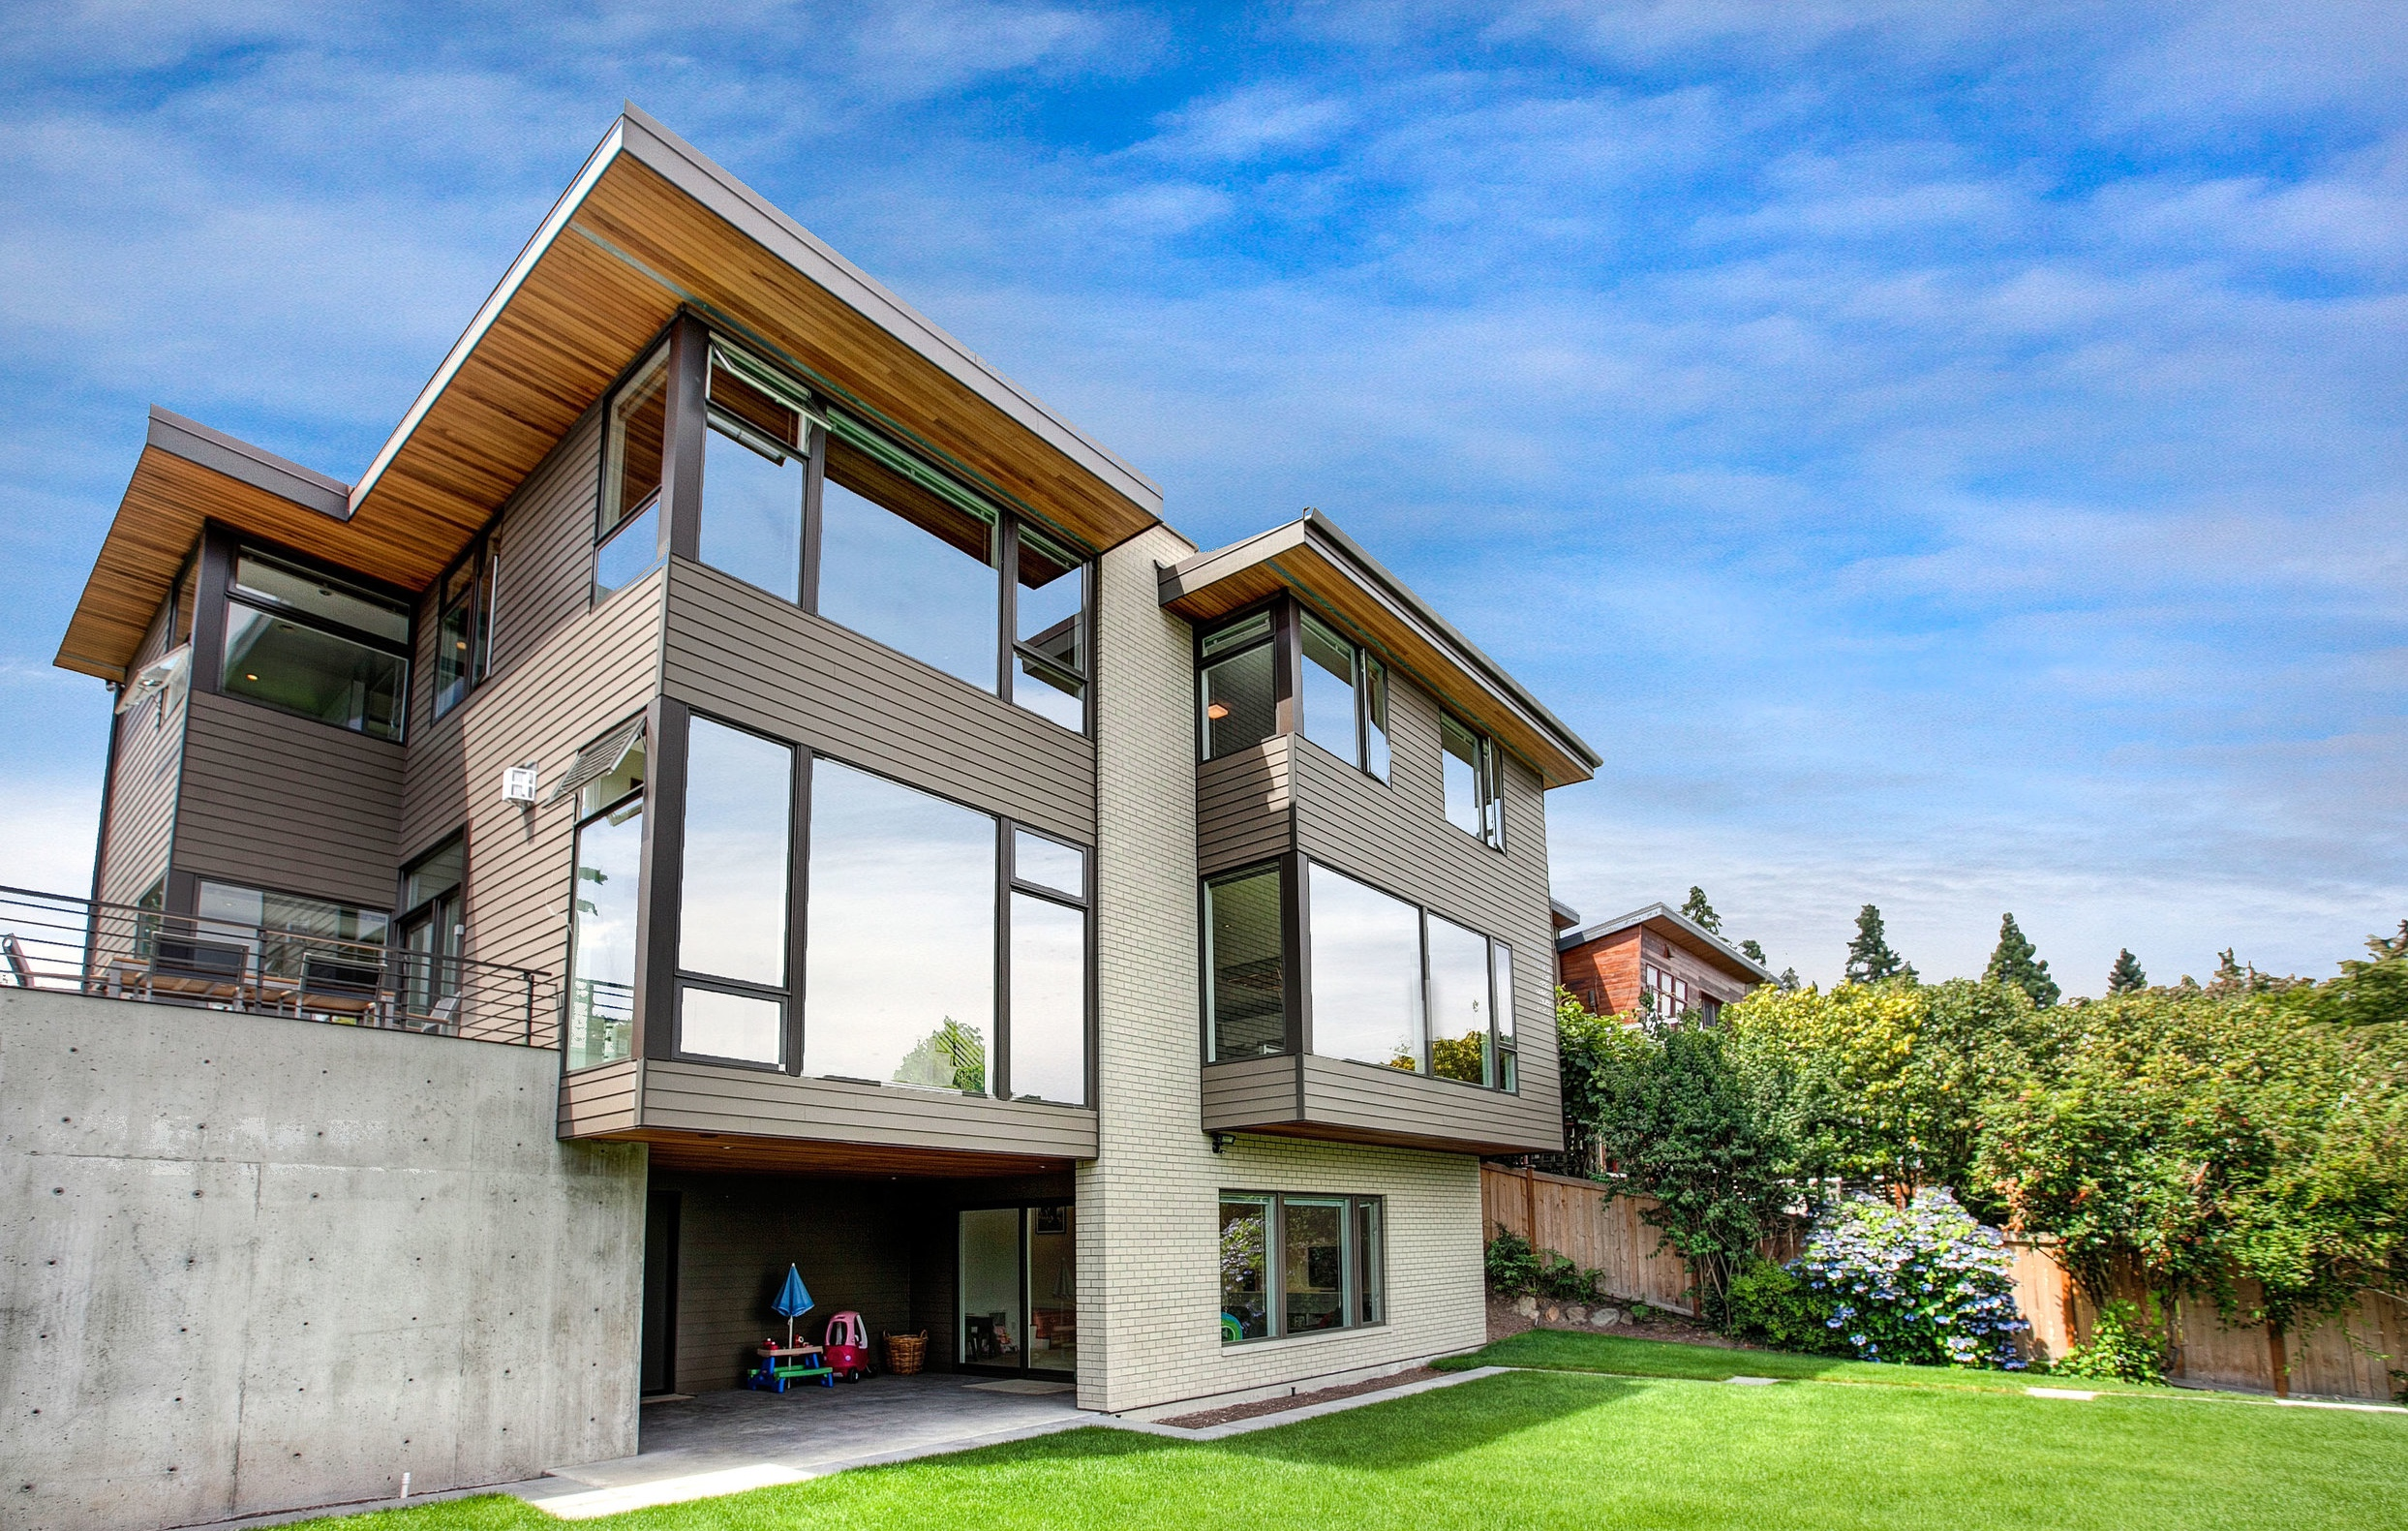 modern_architecture_backyard_architect_architecture_hardi_skie